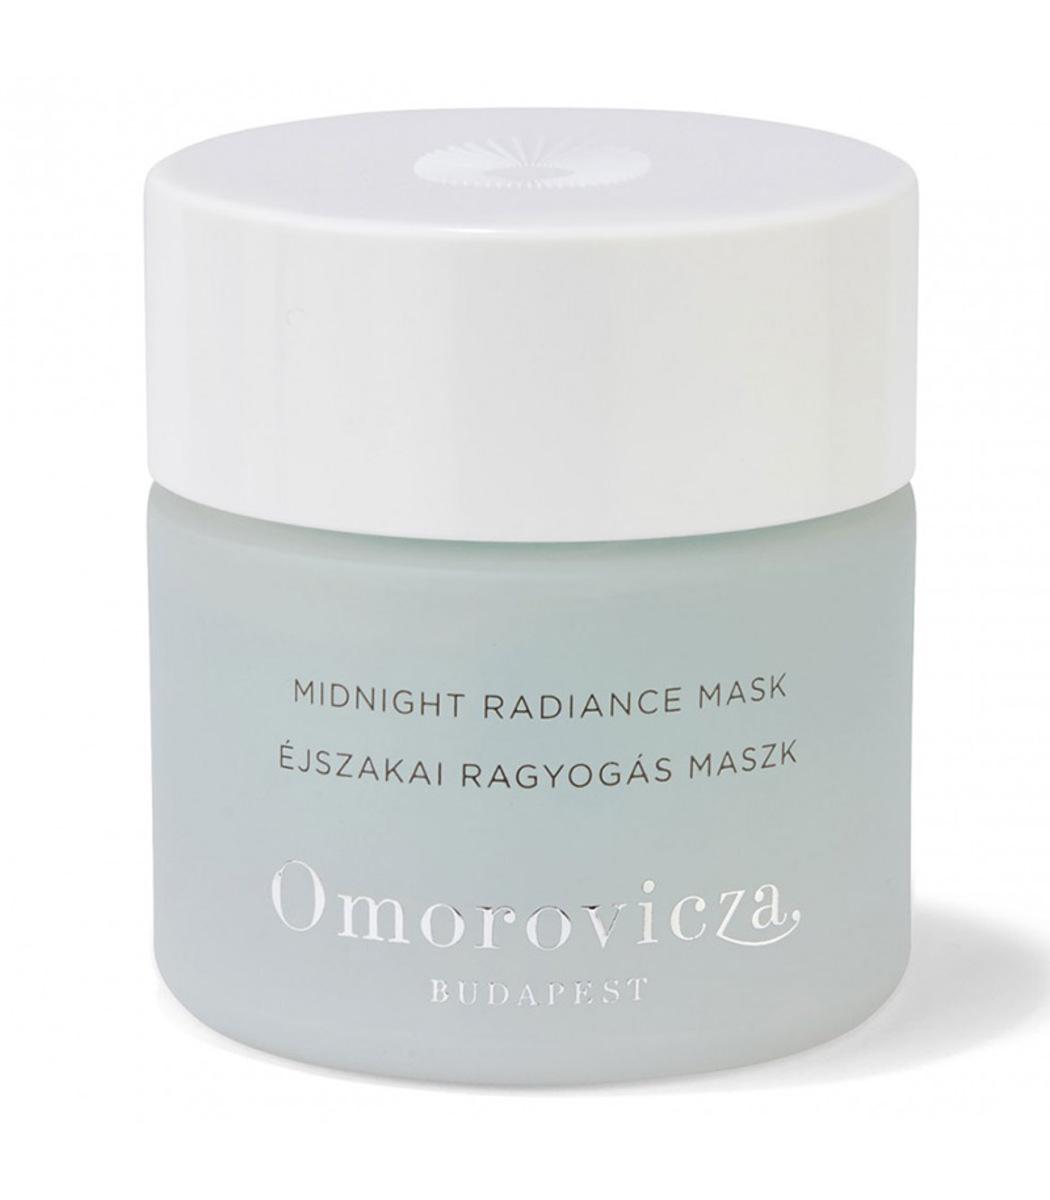 OMOROVICZA Midnight Radiance Mask 1.7oz